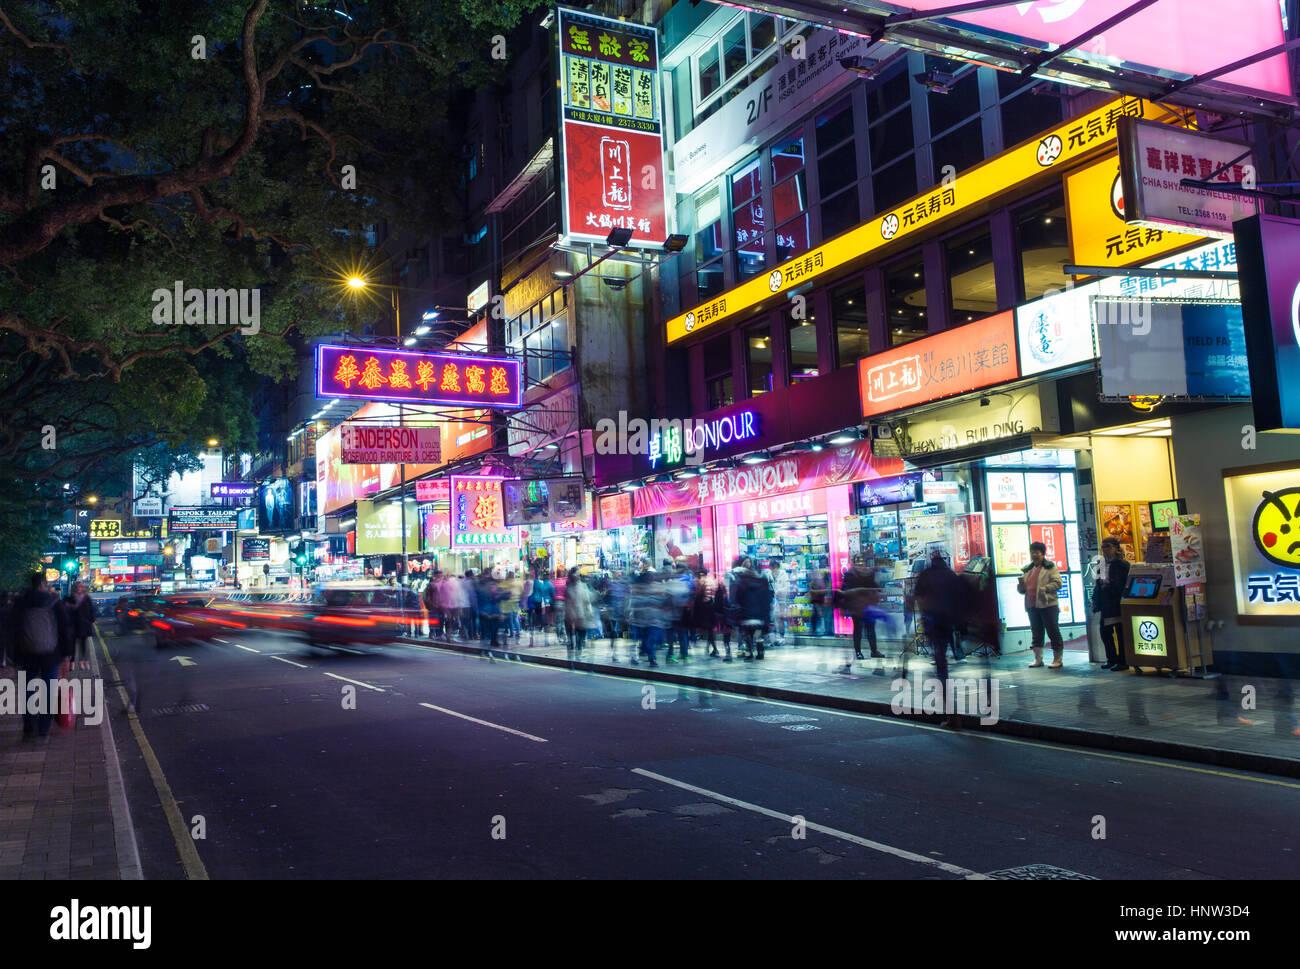 Hong Kong, Hong Kong SAR China - 16 February 2014: Crowds of people walking down Haiphong road on February 16, 2014, - Stock Image